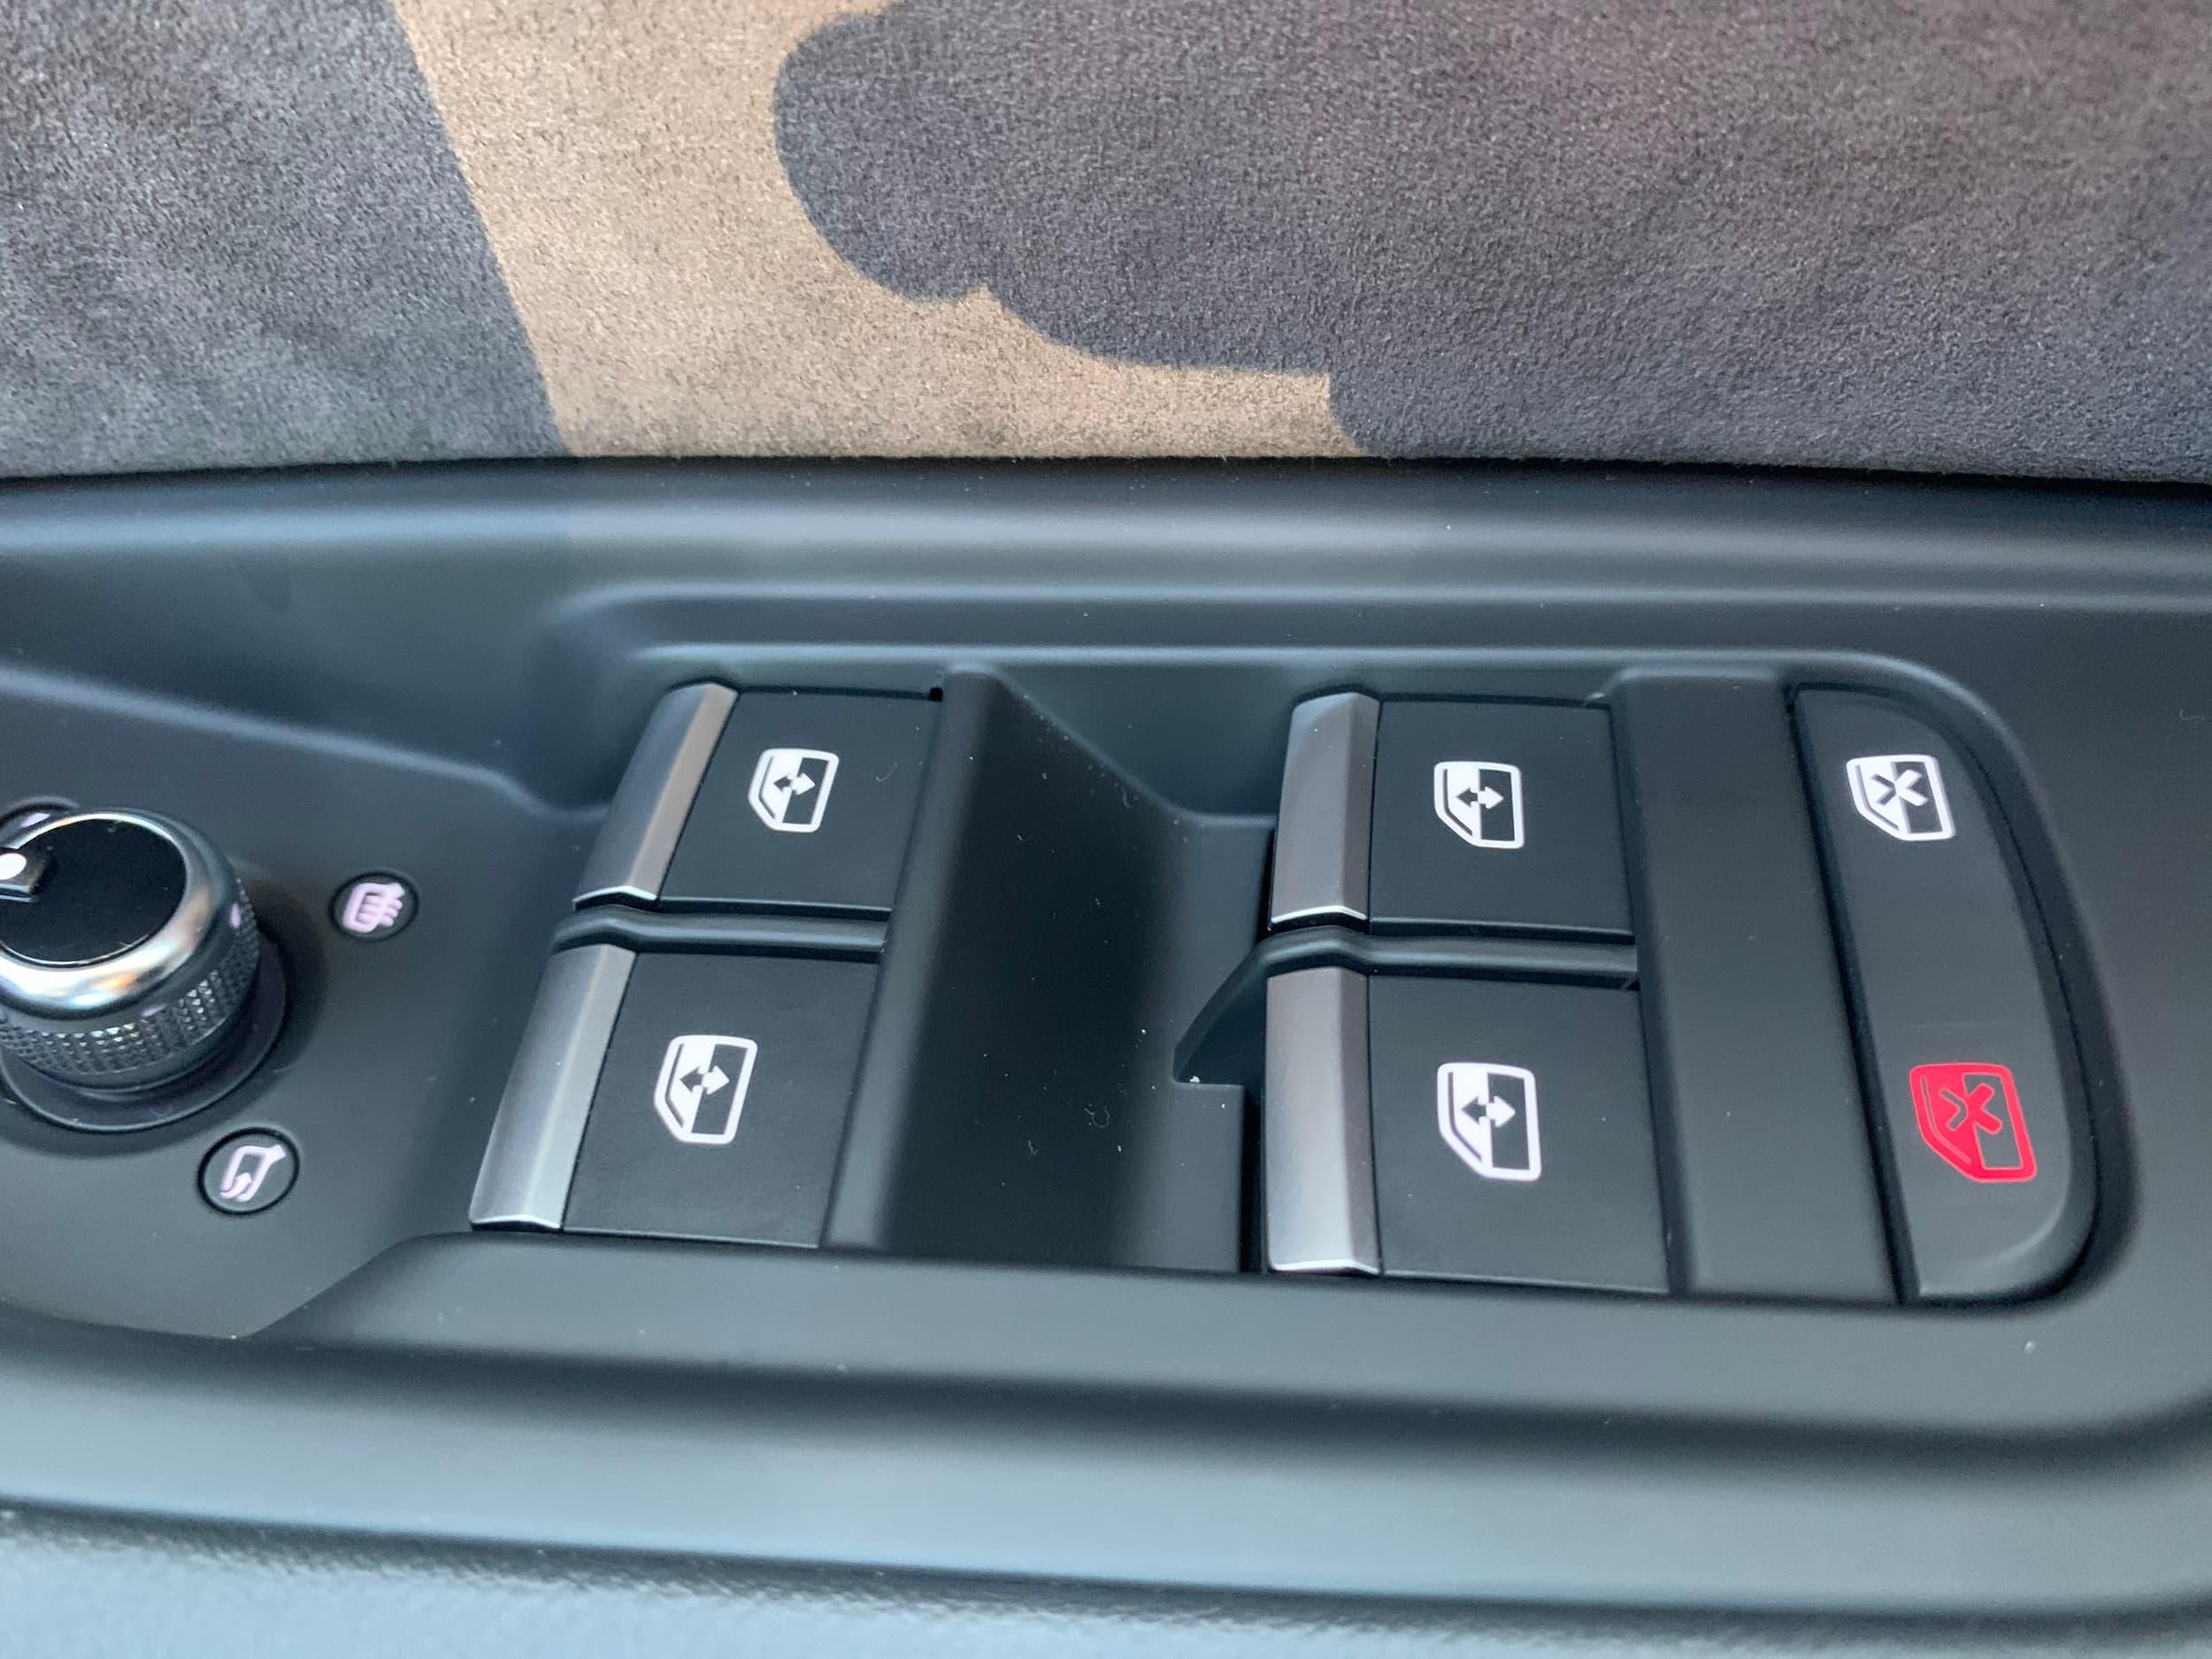 2019 Audi S5 Auto quattro MY19 - image 27